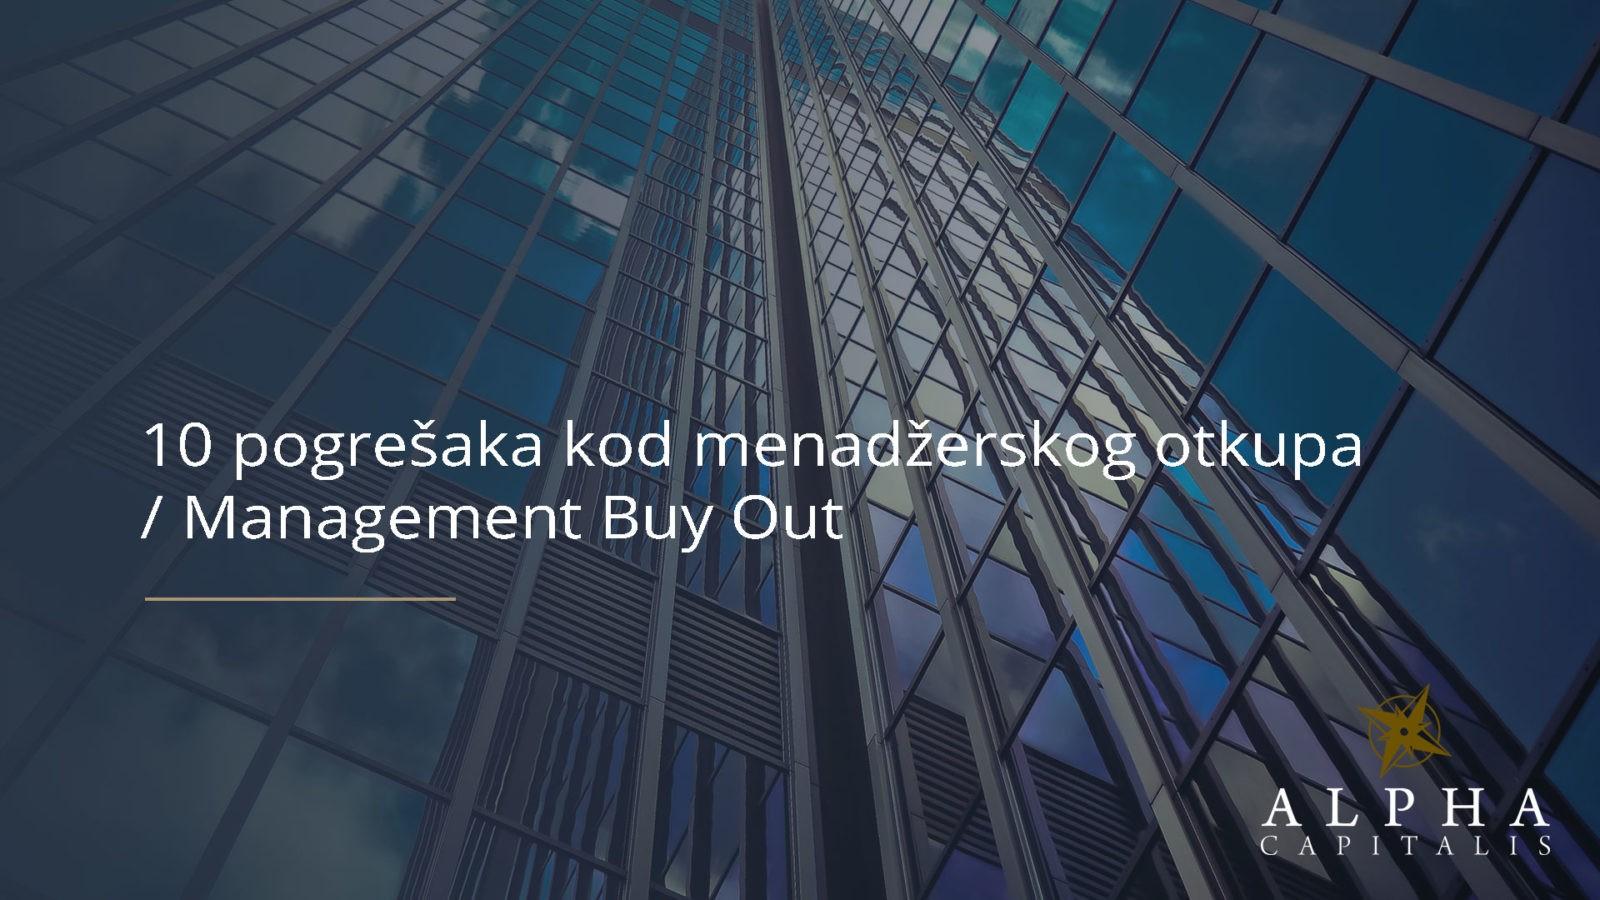 10 pogresaka kod menadzerskog otkupa Management Buy Out - 10 pogrešaka kod menadžerskog otkupa / Management Buy Out